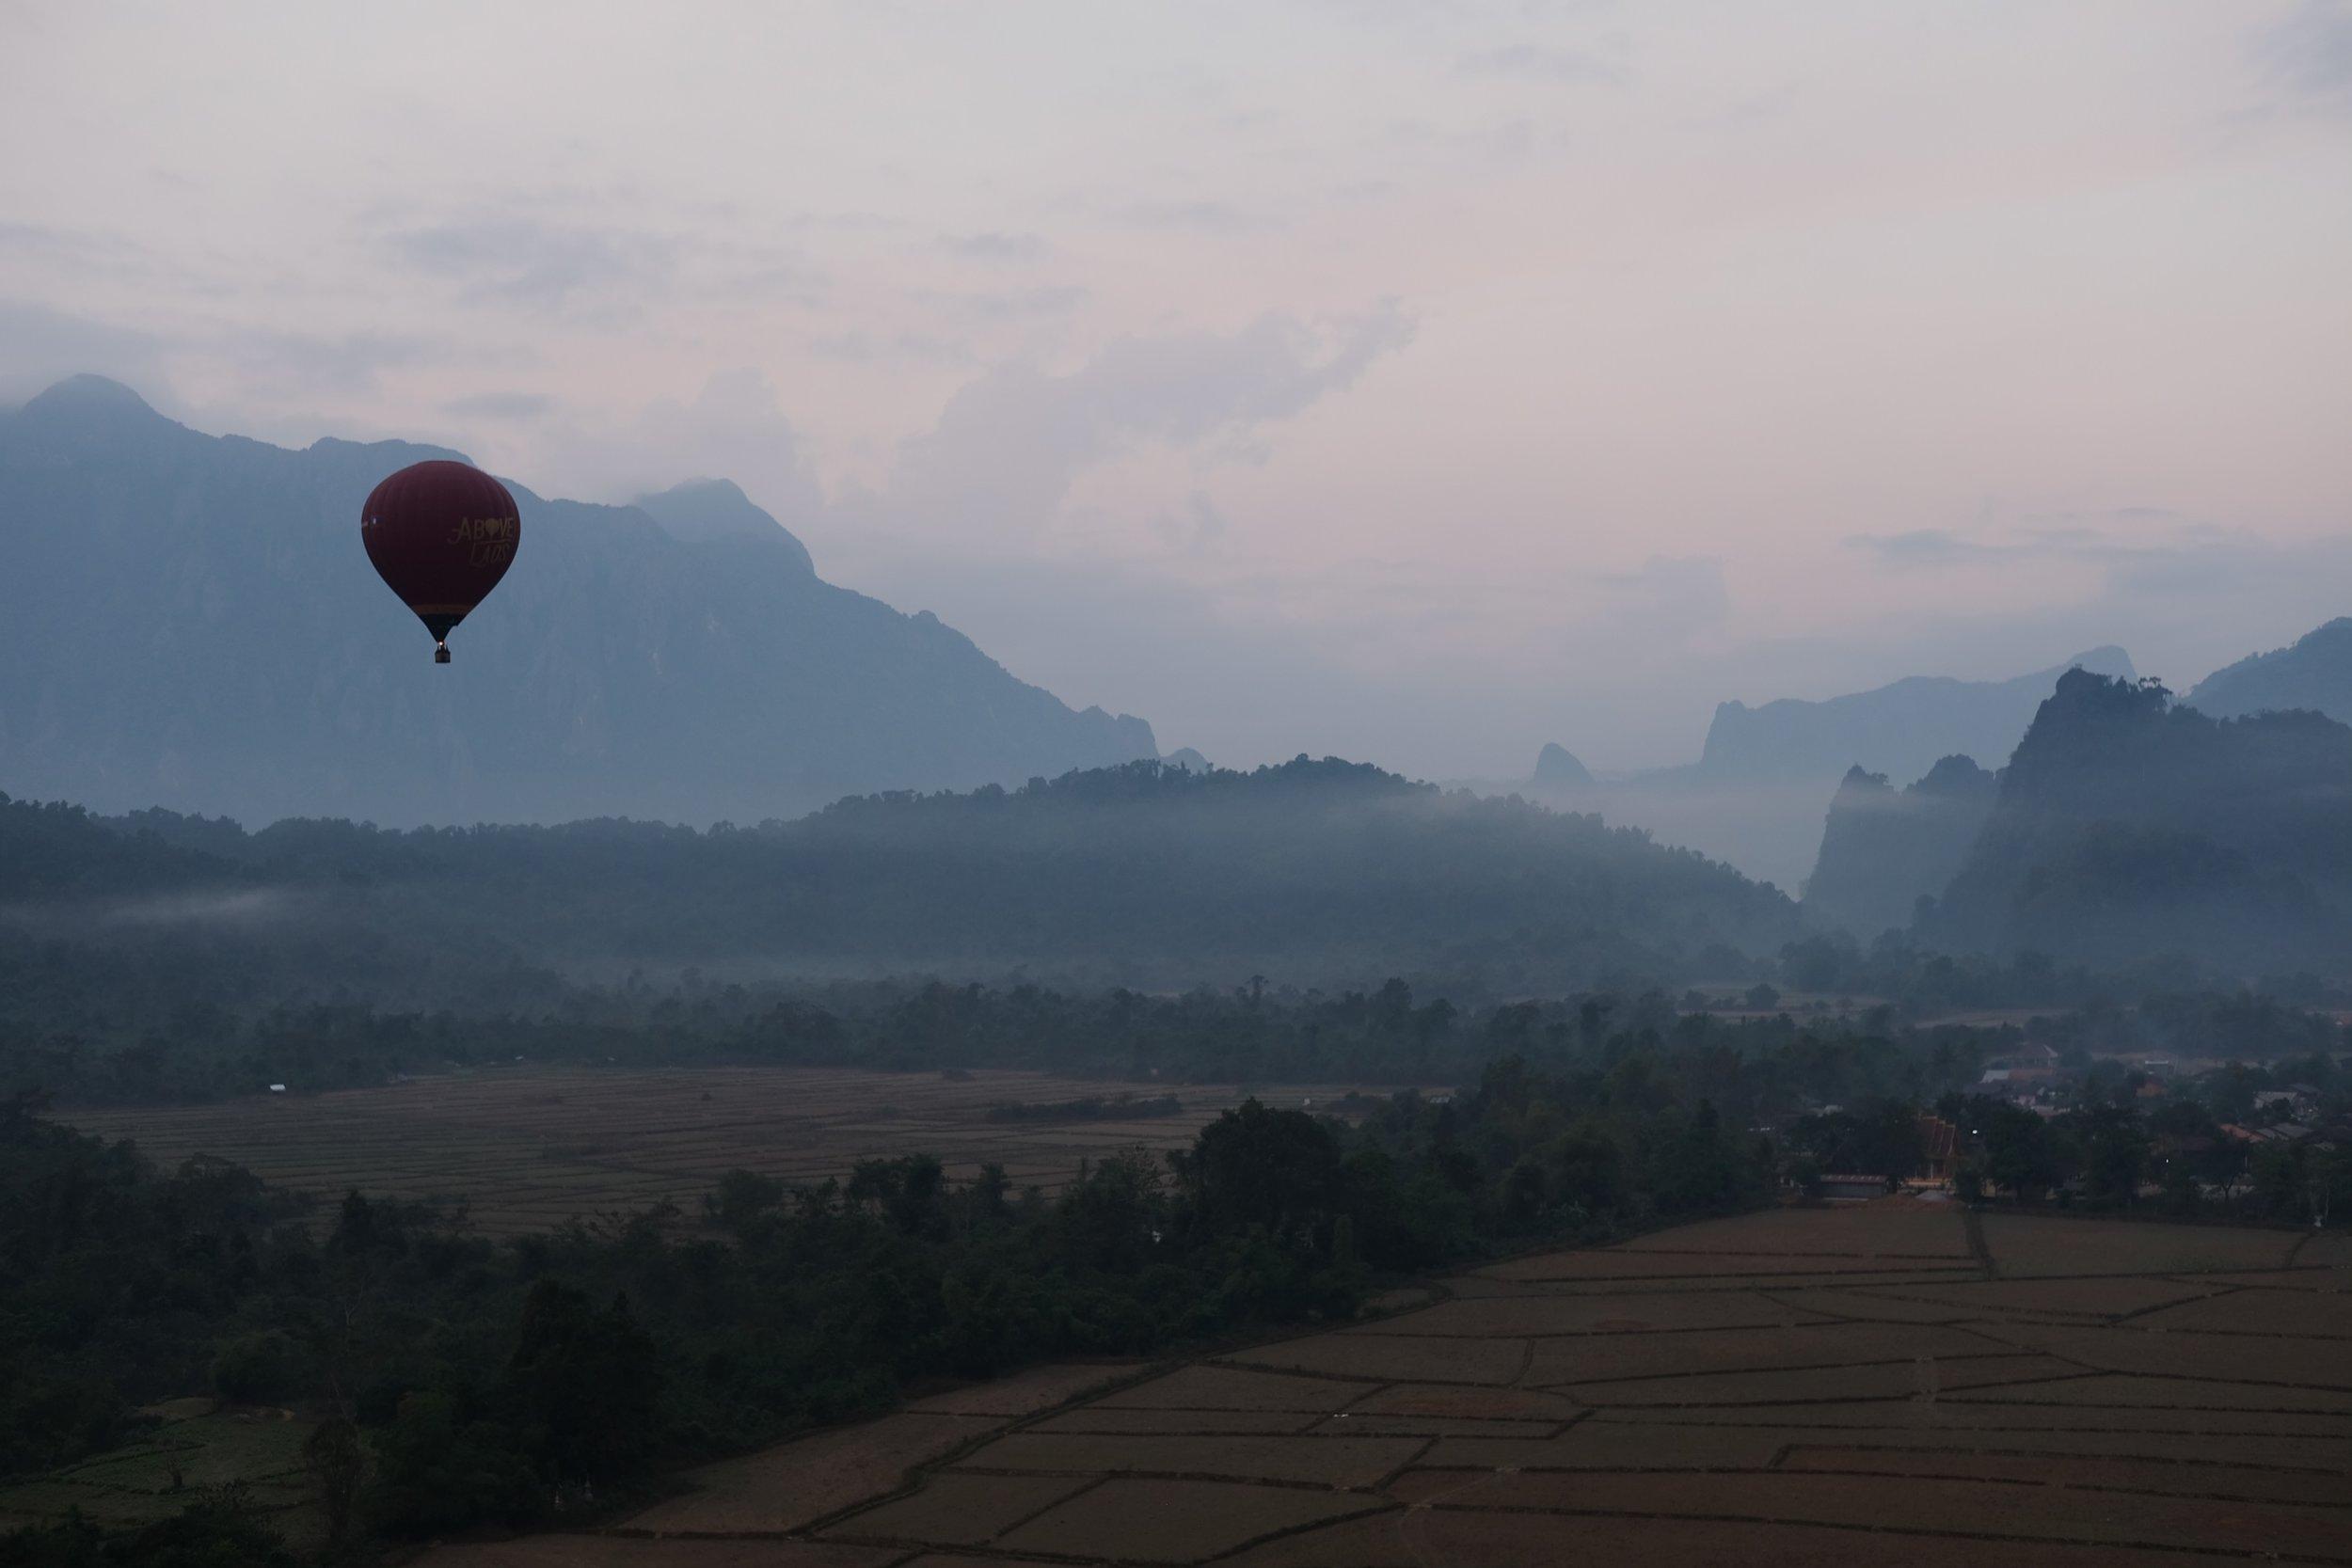 1 - hot-air balloon ride in Vang Vieng